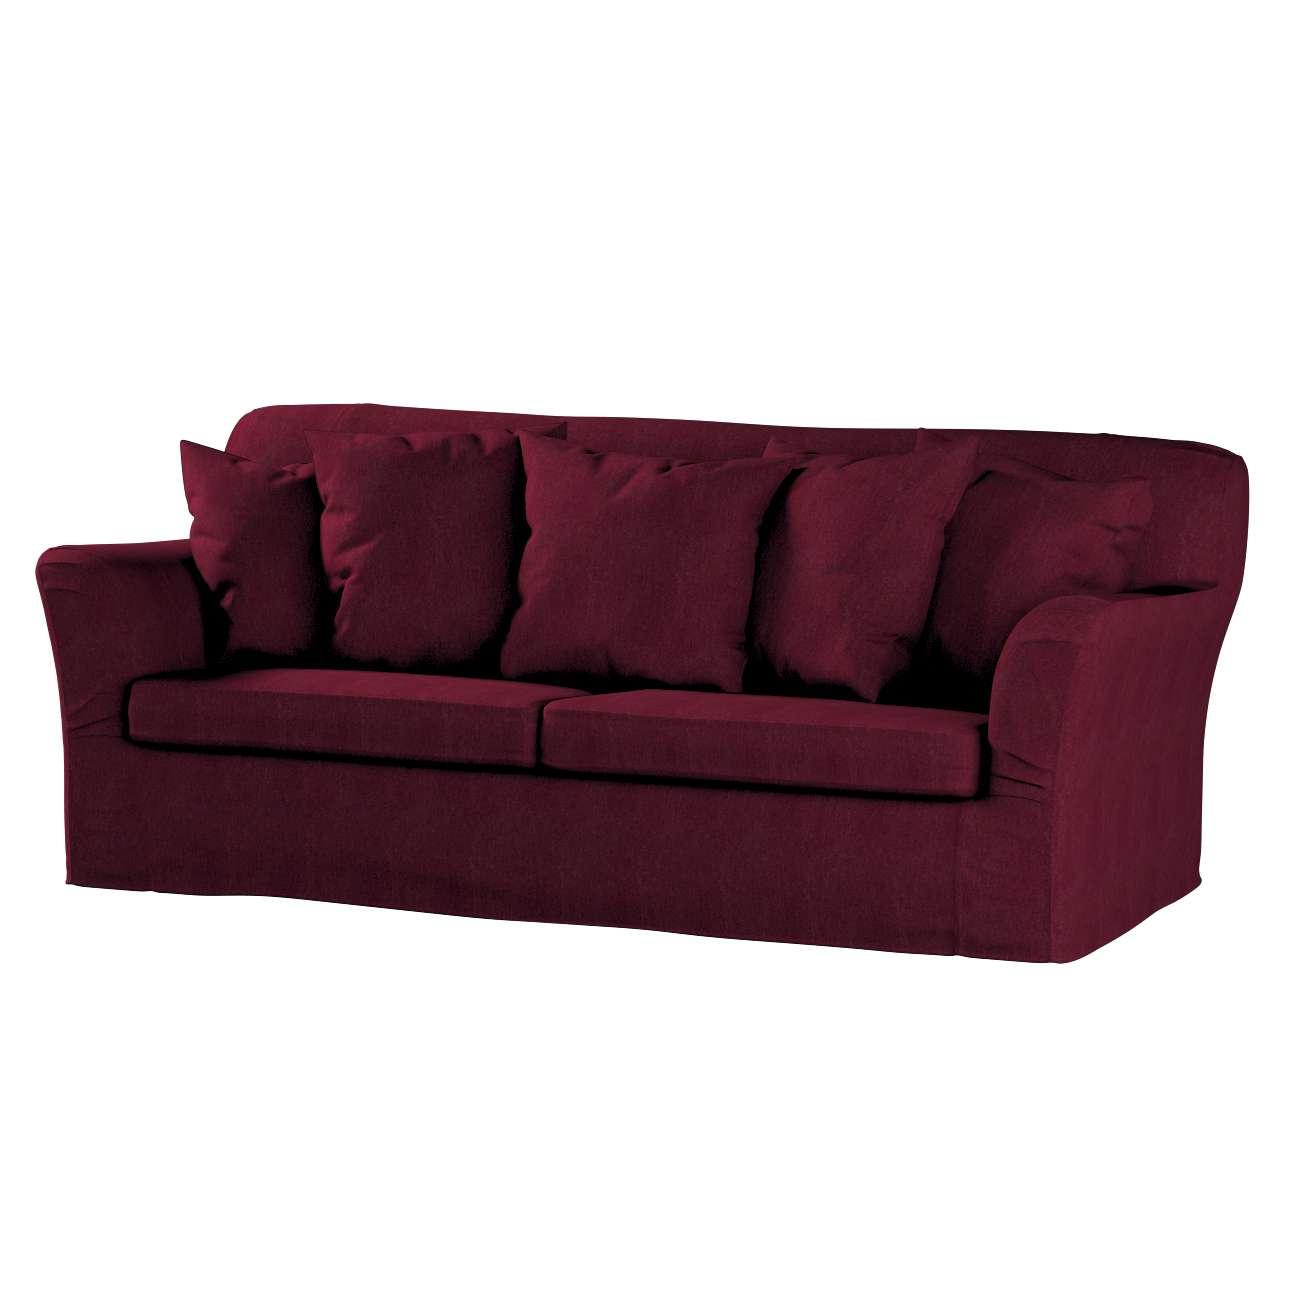 Pokrowiec na sofę Tomelilla 3-osobową rozkładaną w kolekcji Chenille, tkanina: 702-19